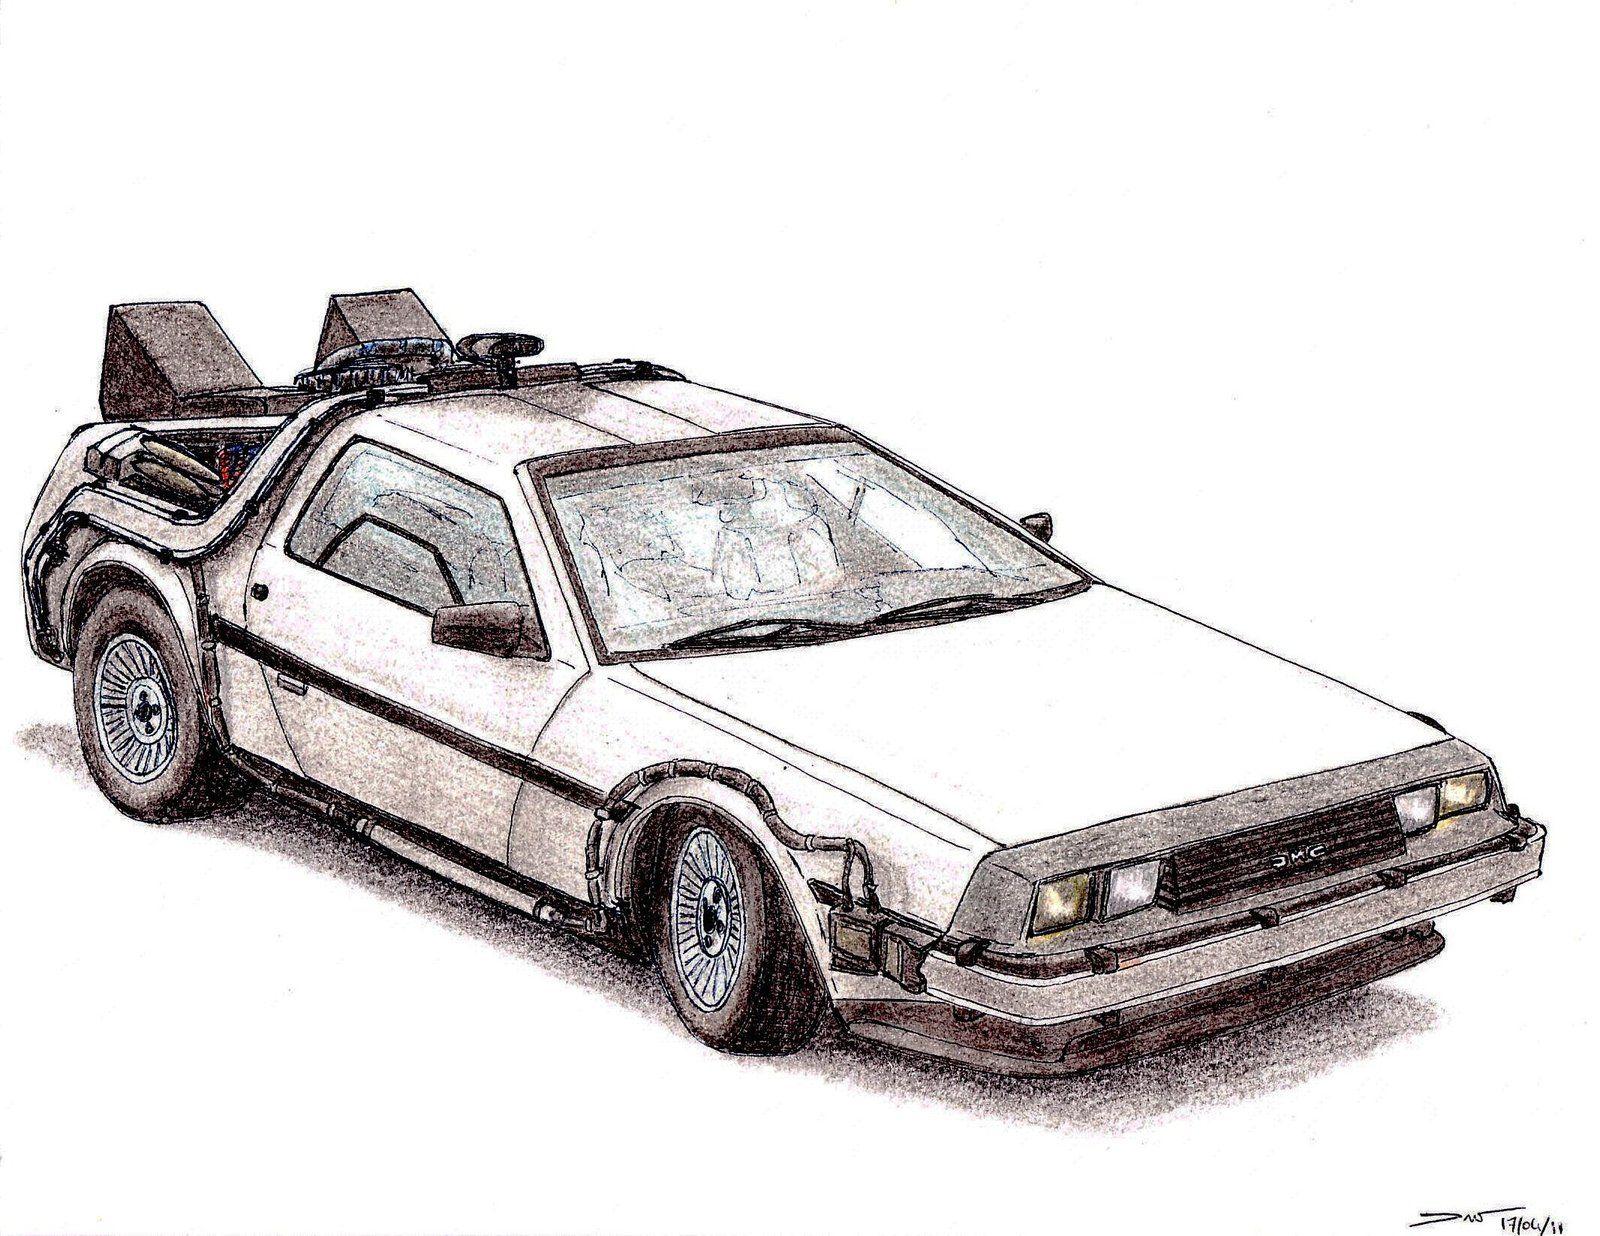 1981 Delorean Dmc 12 Bttf By Twistedmethoddan On Deviantart Delorean Back To The Future Bttf